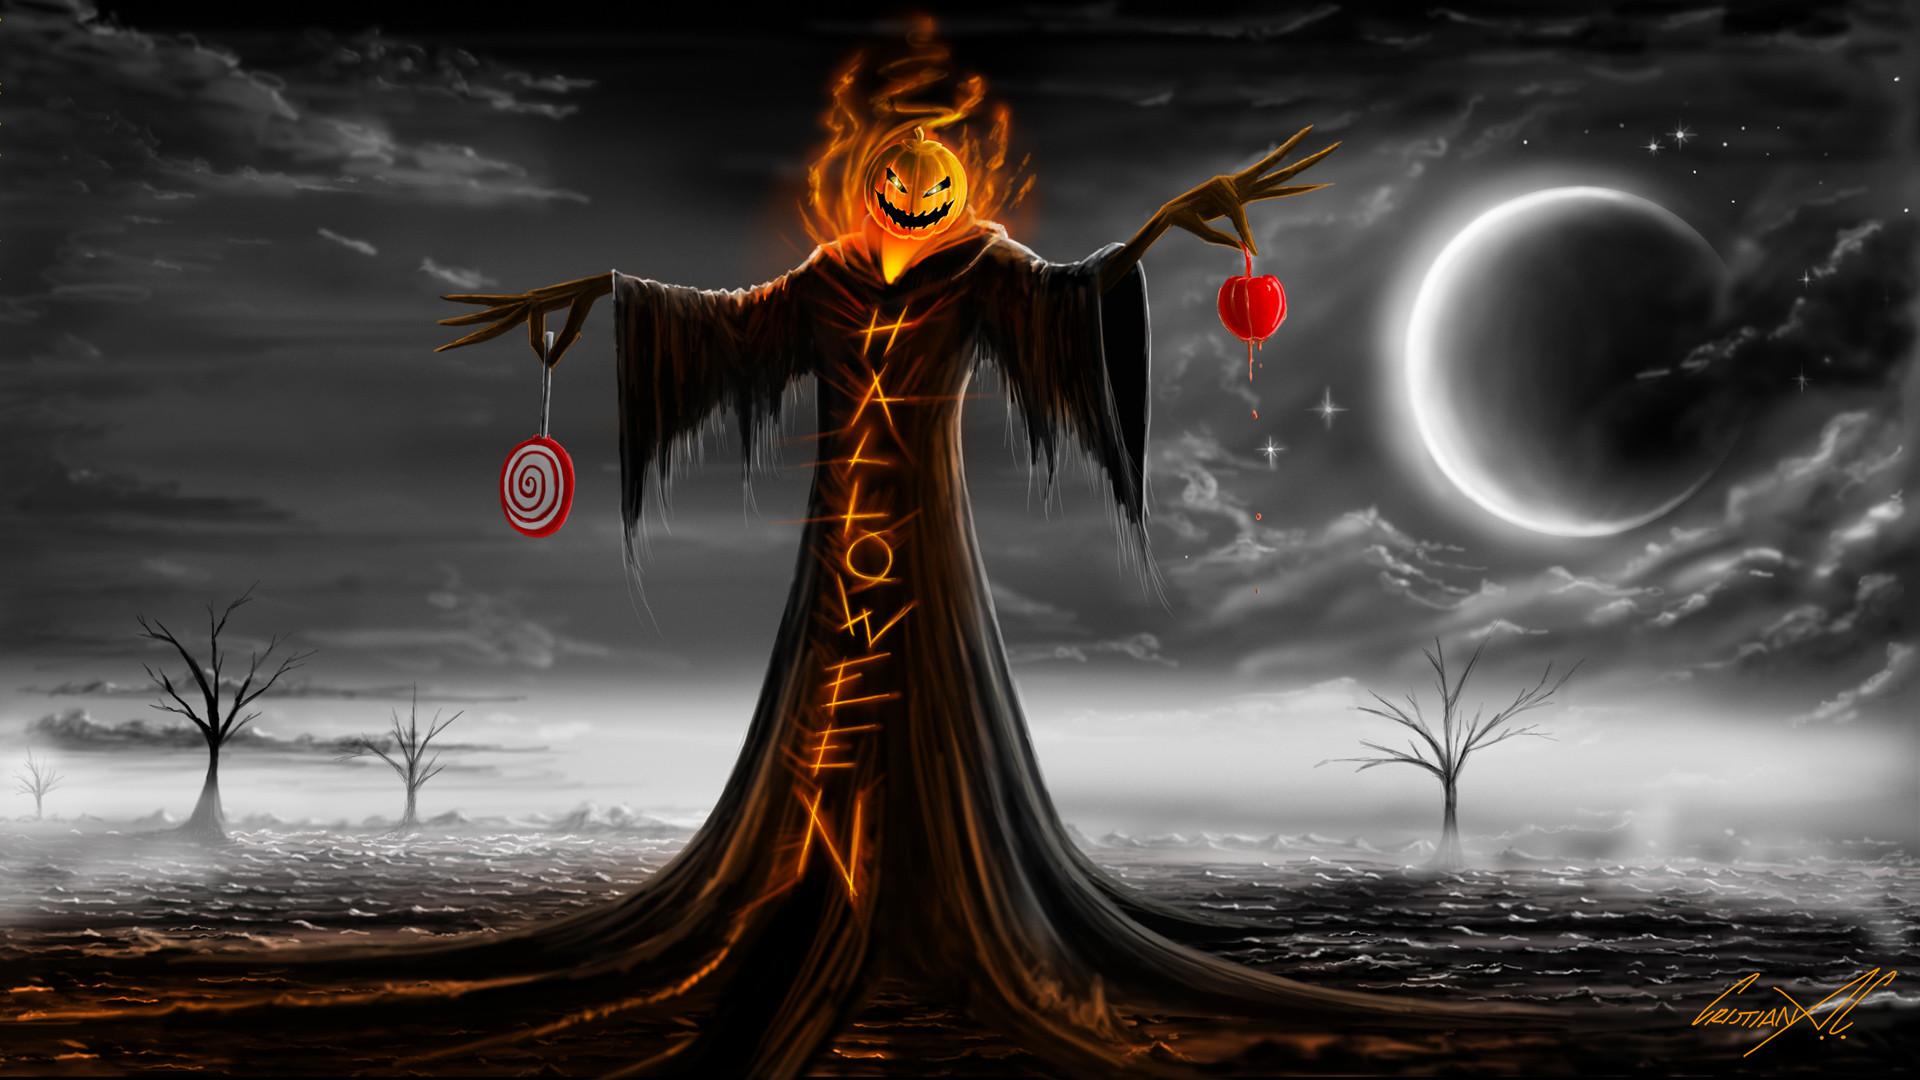 HD Wallpapers 1080p – Masaüstü resimler Halloween wallpaper 2012, full hd  1080p